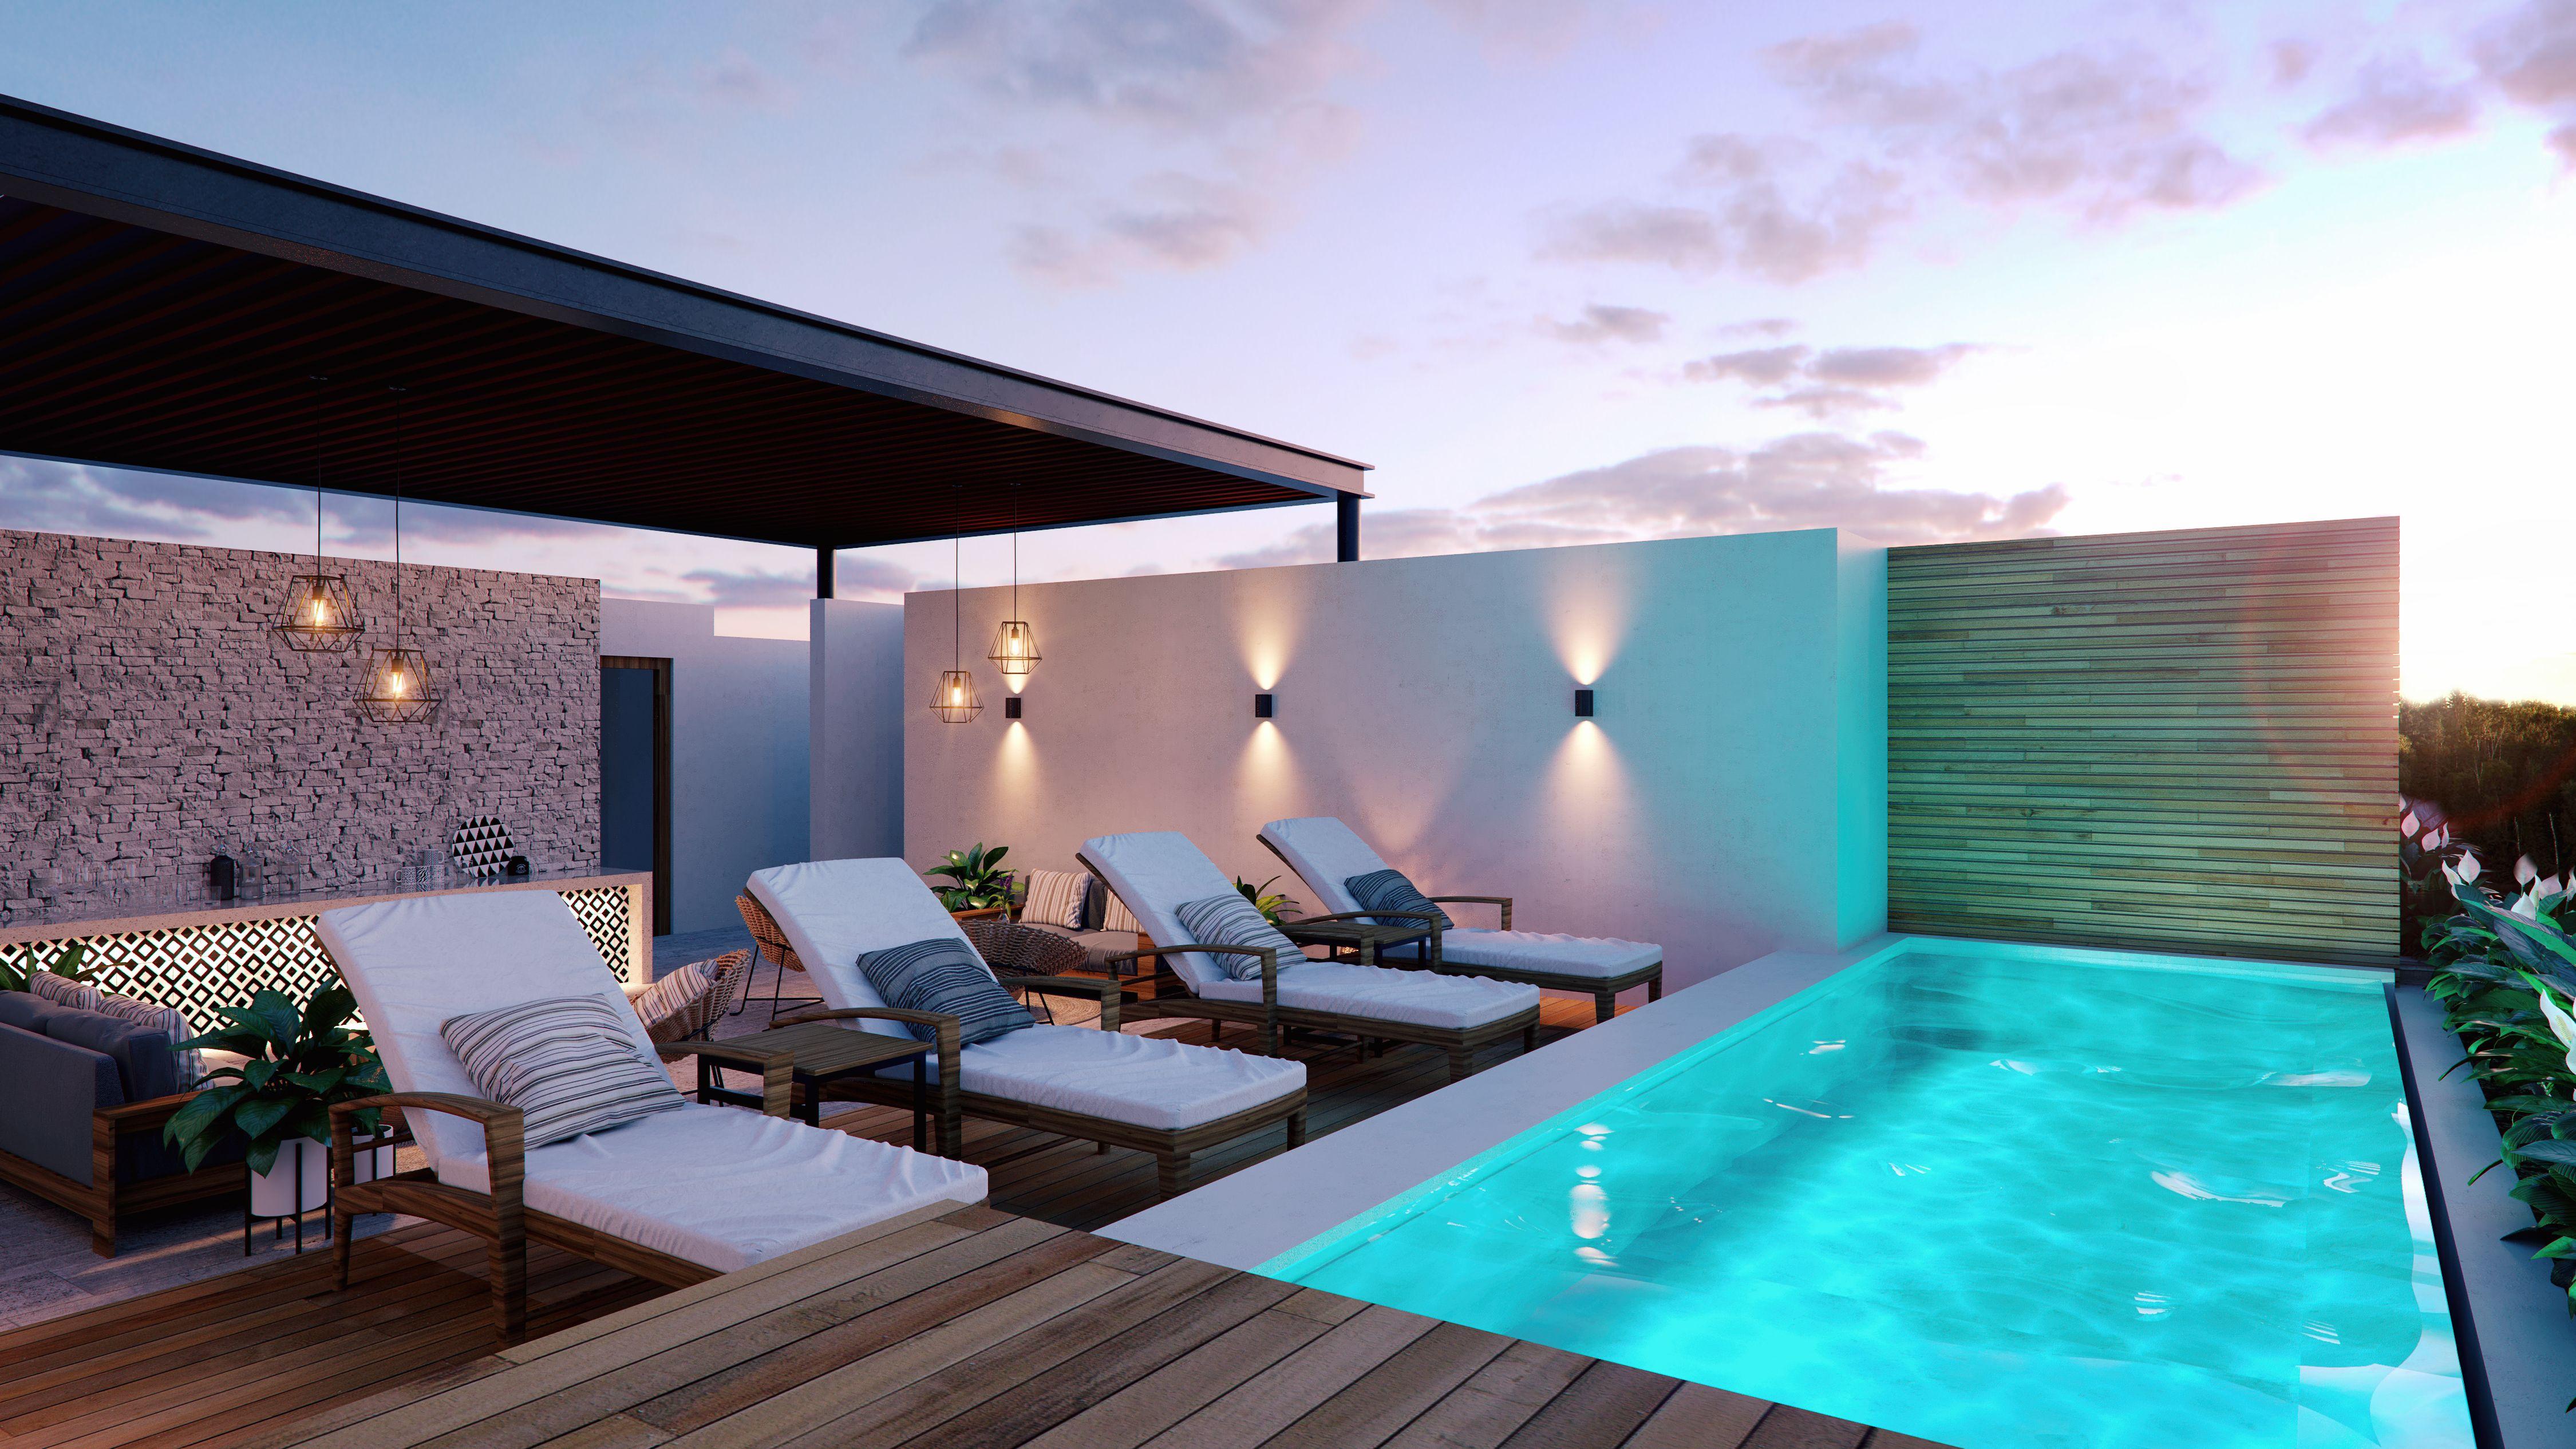 Roof Top Pool In Tulum Rooftop Terrace Design Rooftop Design Terrace Design